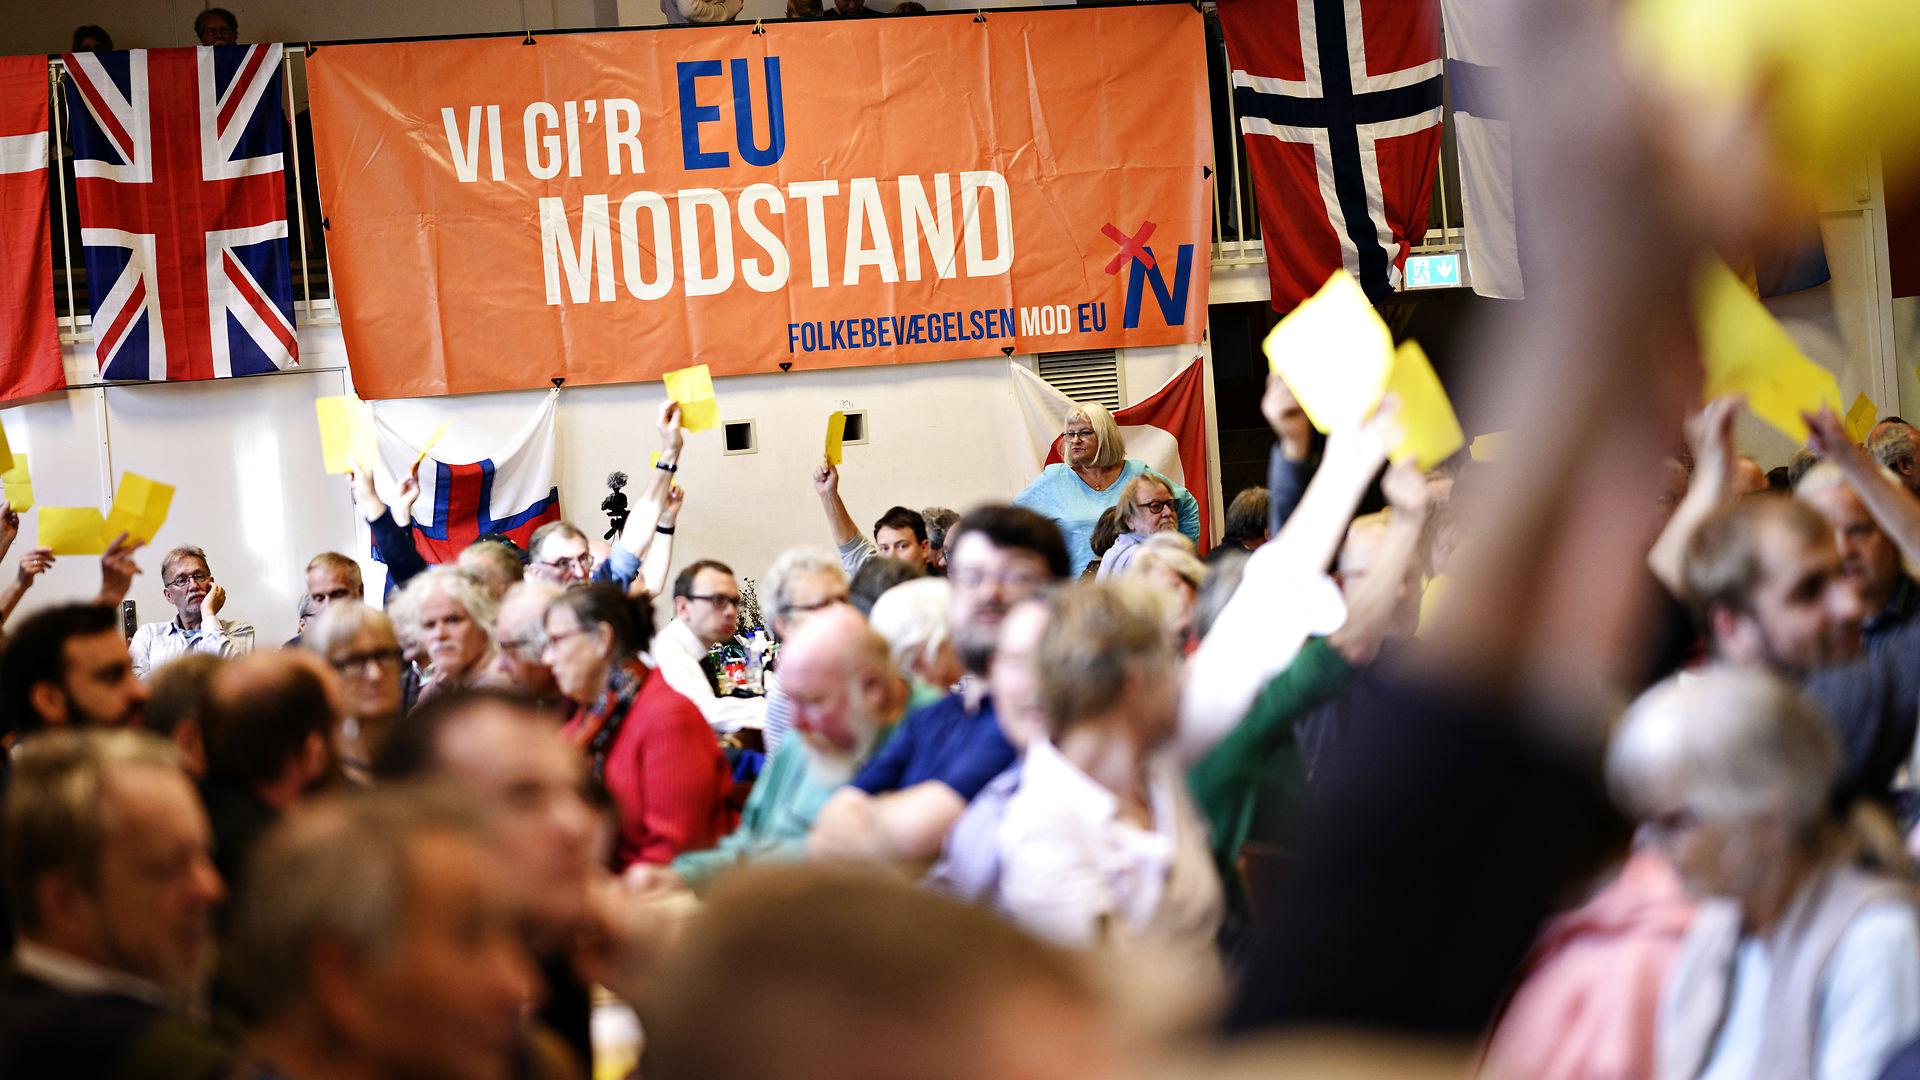 Dyre-Greensite og Broch: Med Brexit er en væsentlig forudsætning for Danmarks EU-medlemskab væk. Det kalder på en dansk folkeafstemning